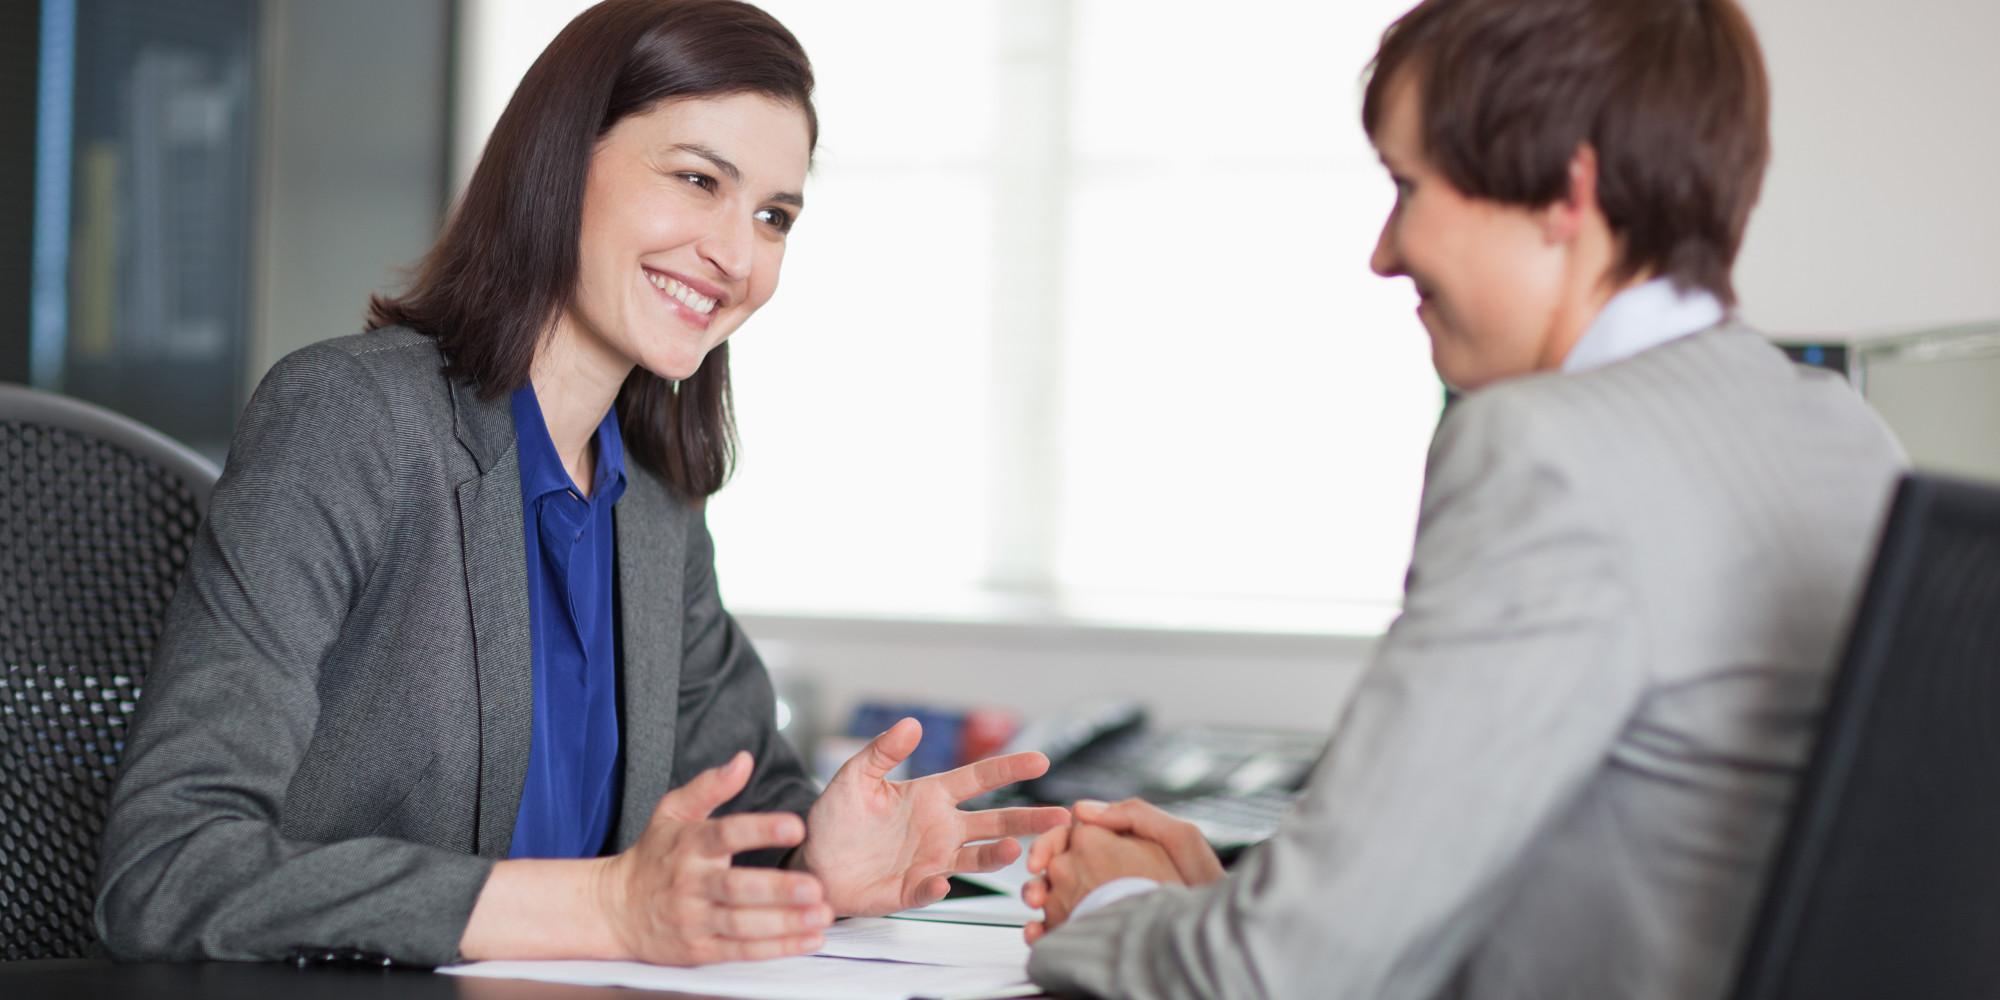 Entretien d'embauche : 90 % des DRH sont sensibles à la gestuelle